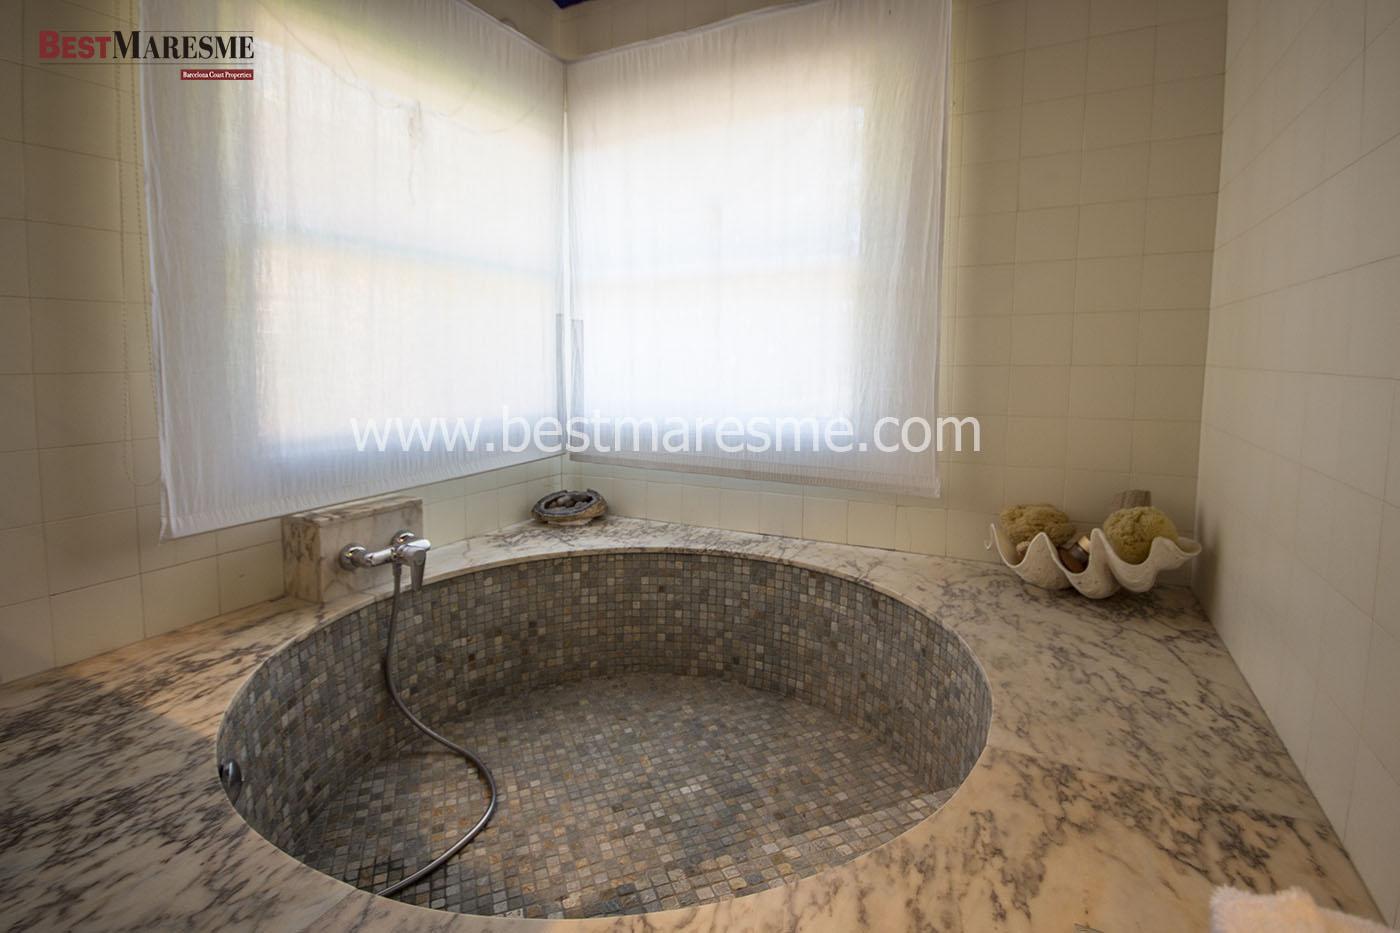 Baños de ensueño en nuestras casas del Maresme | BestMaresme